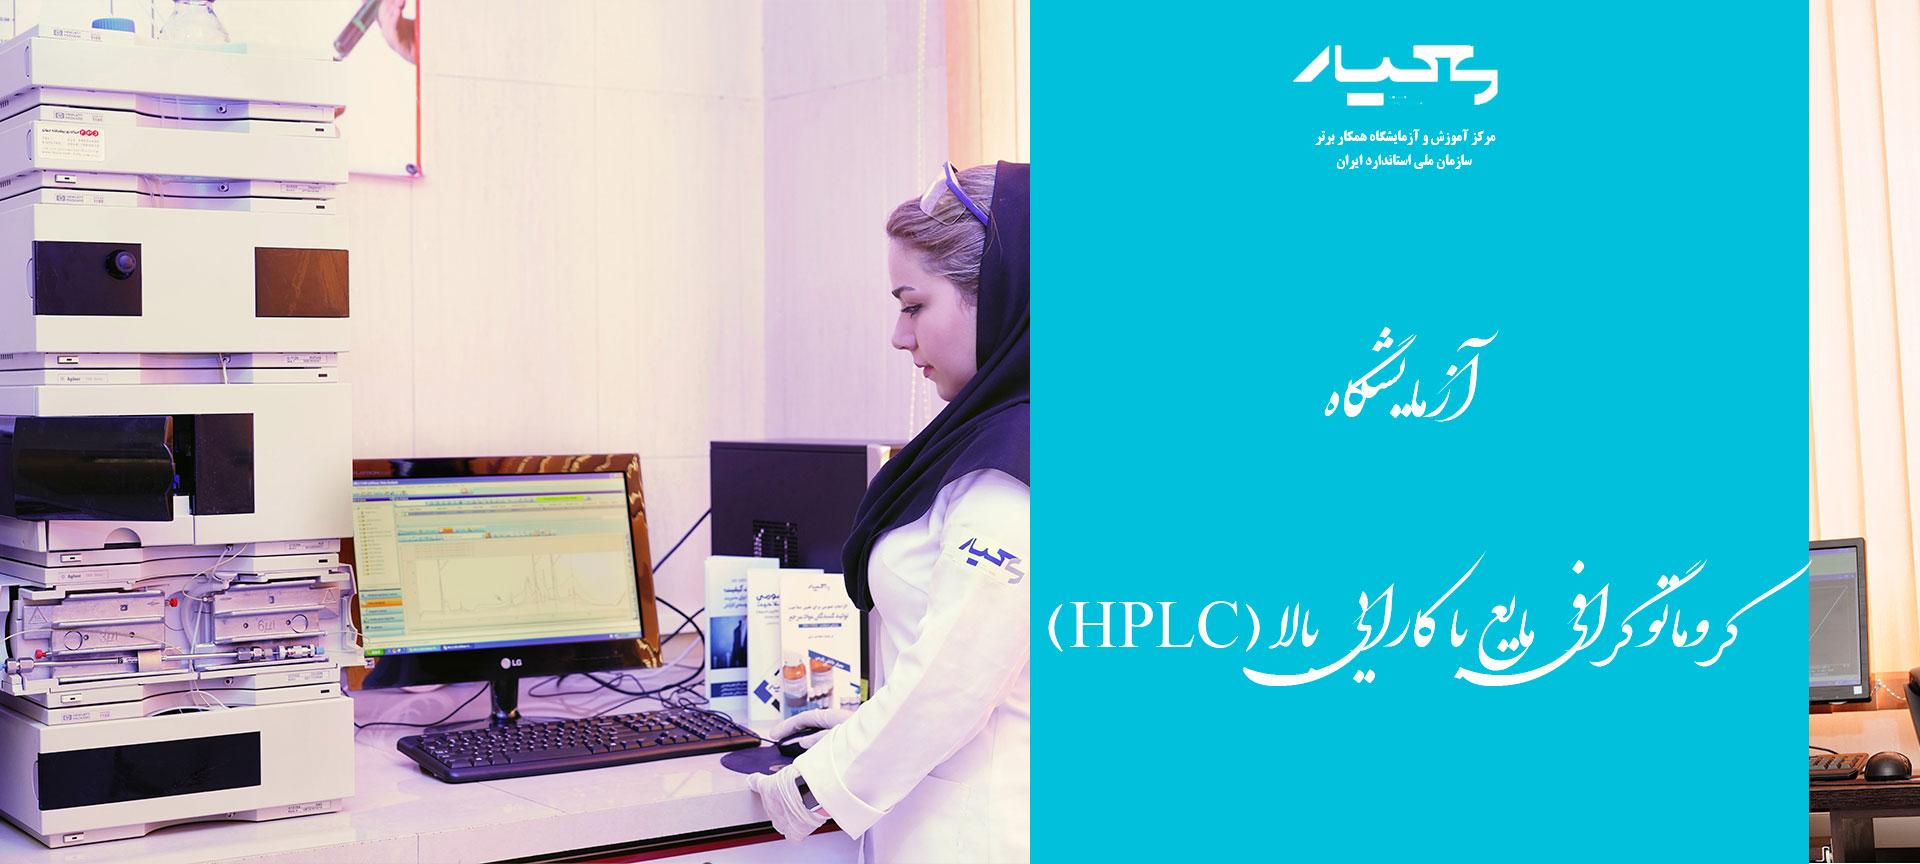 آزمایشگاه HPLC